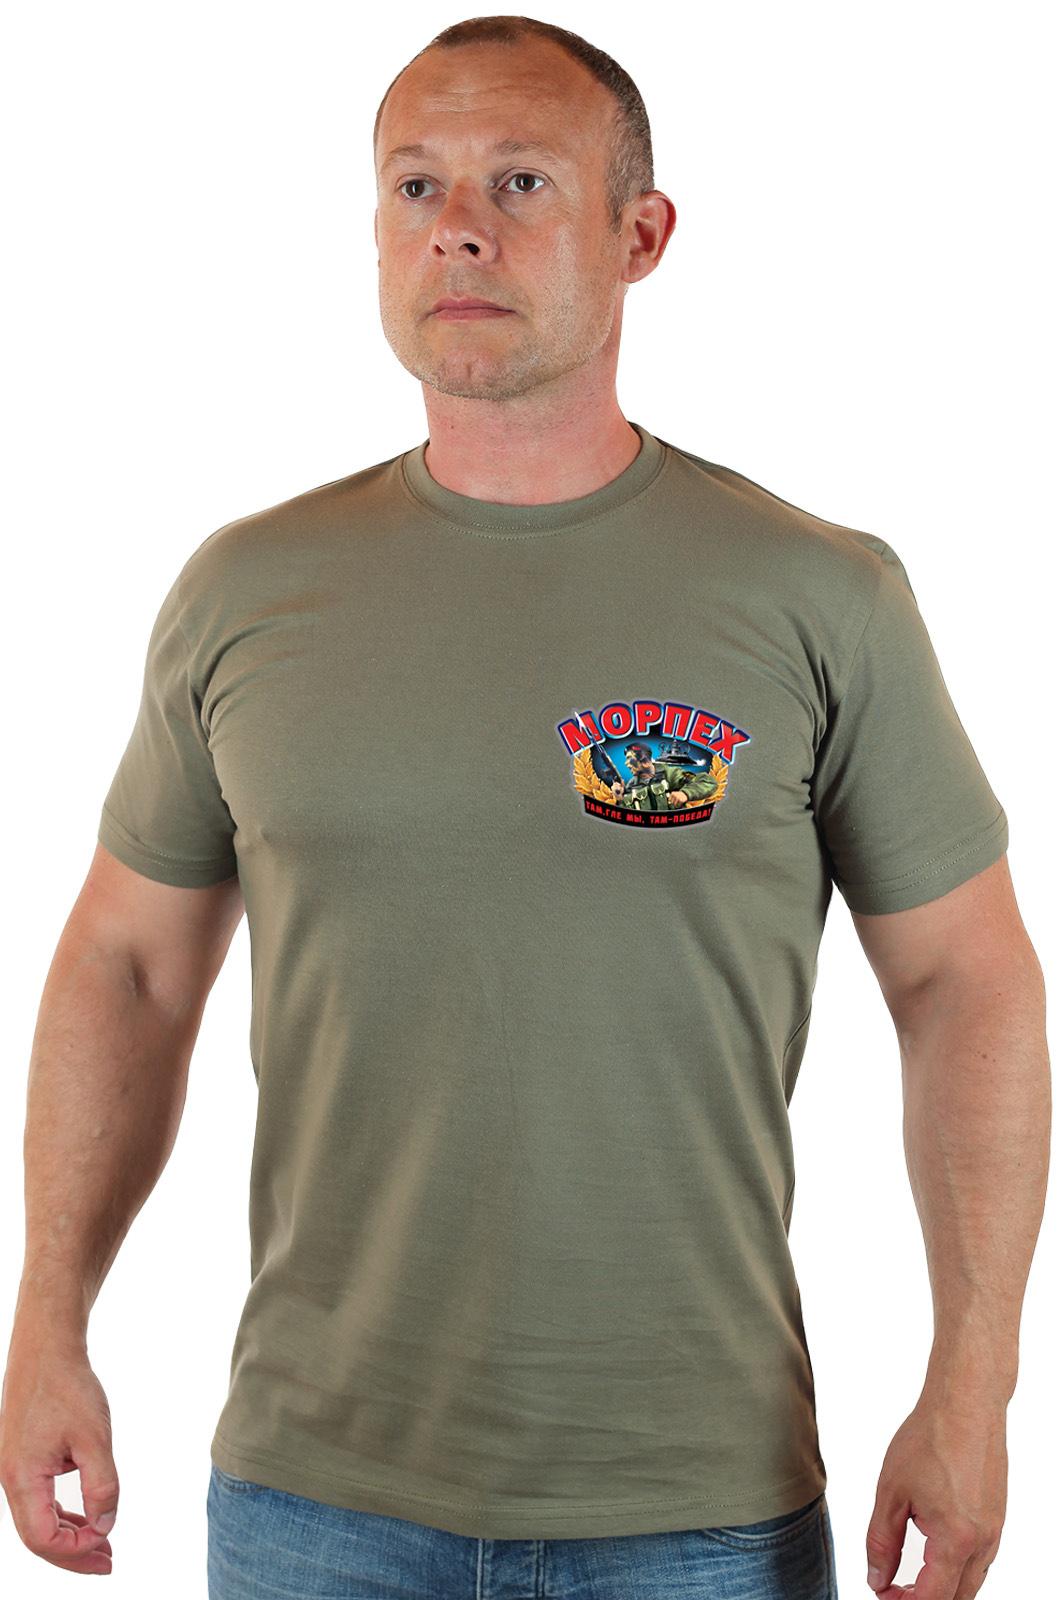 Купить в интернете с доставкой мужскую футболку морпеха